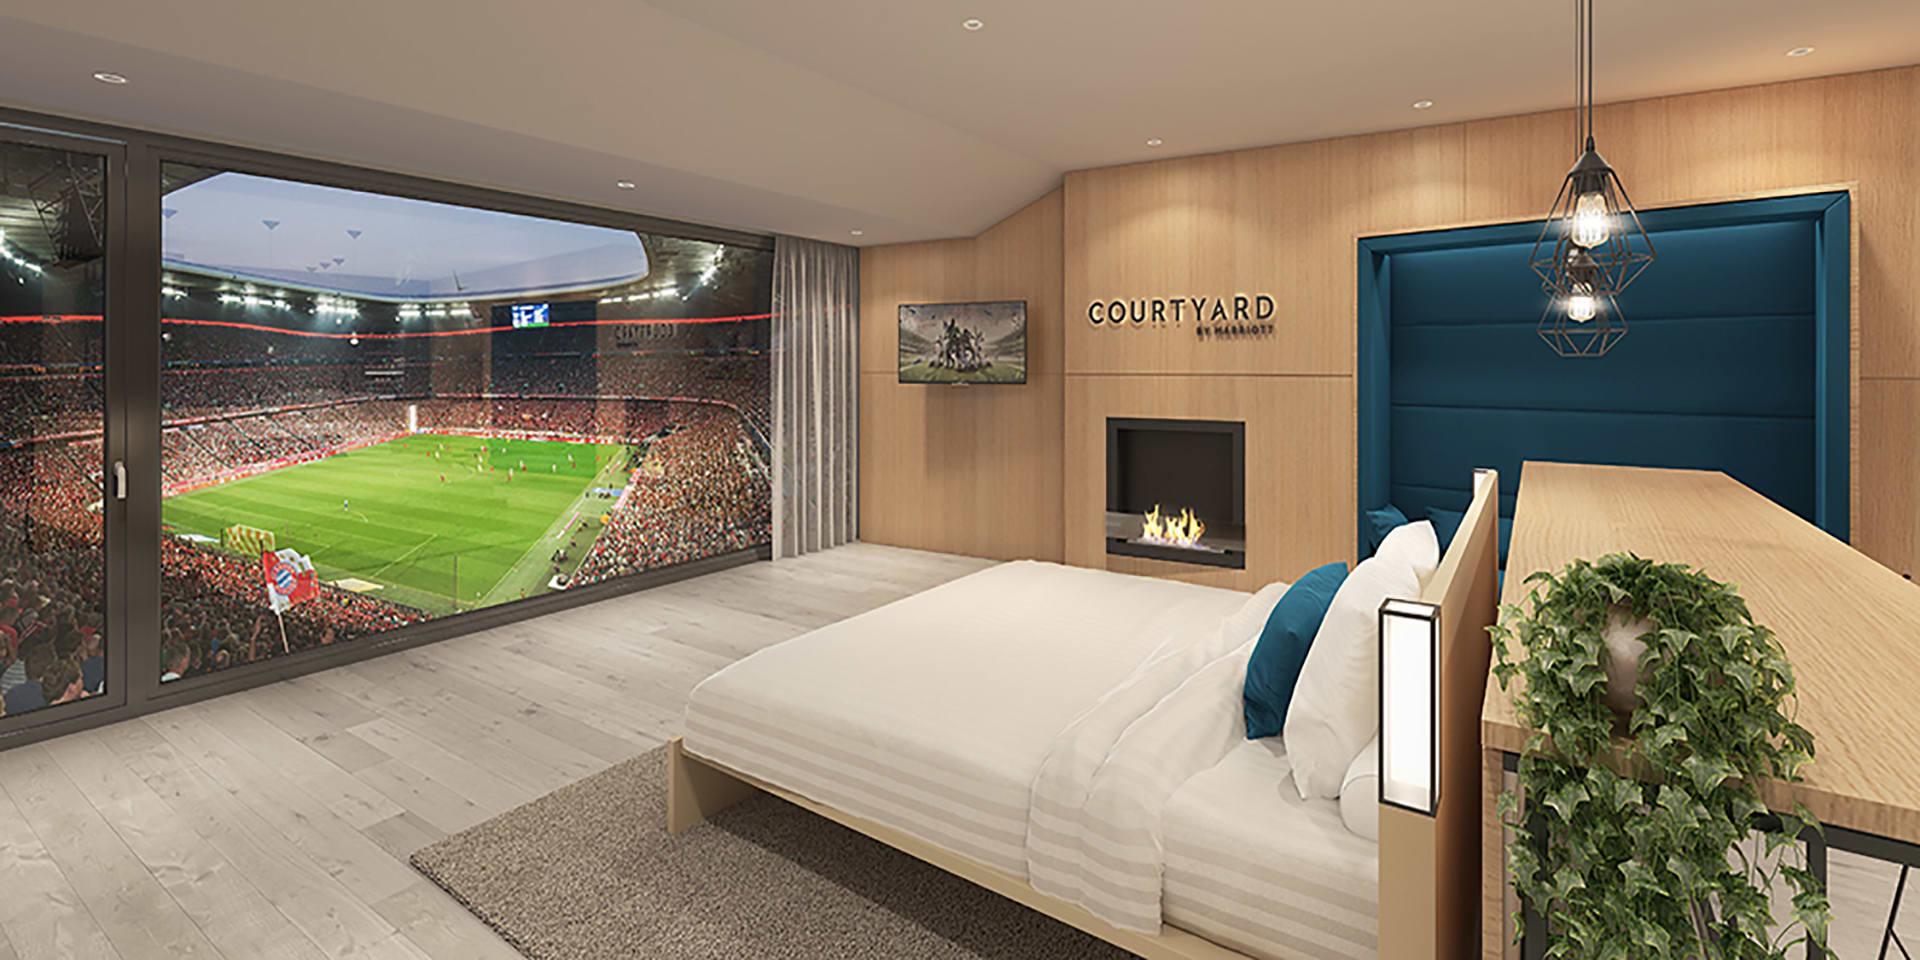 """بايرن ميونخ يوفر لمشجعيه فرصة مشاهدة المباريات من """"السرير"""""""